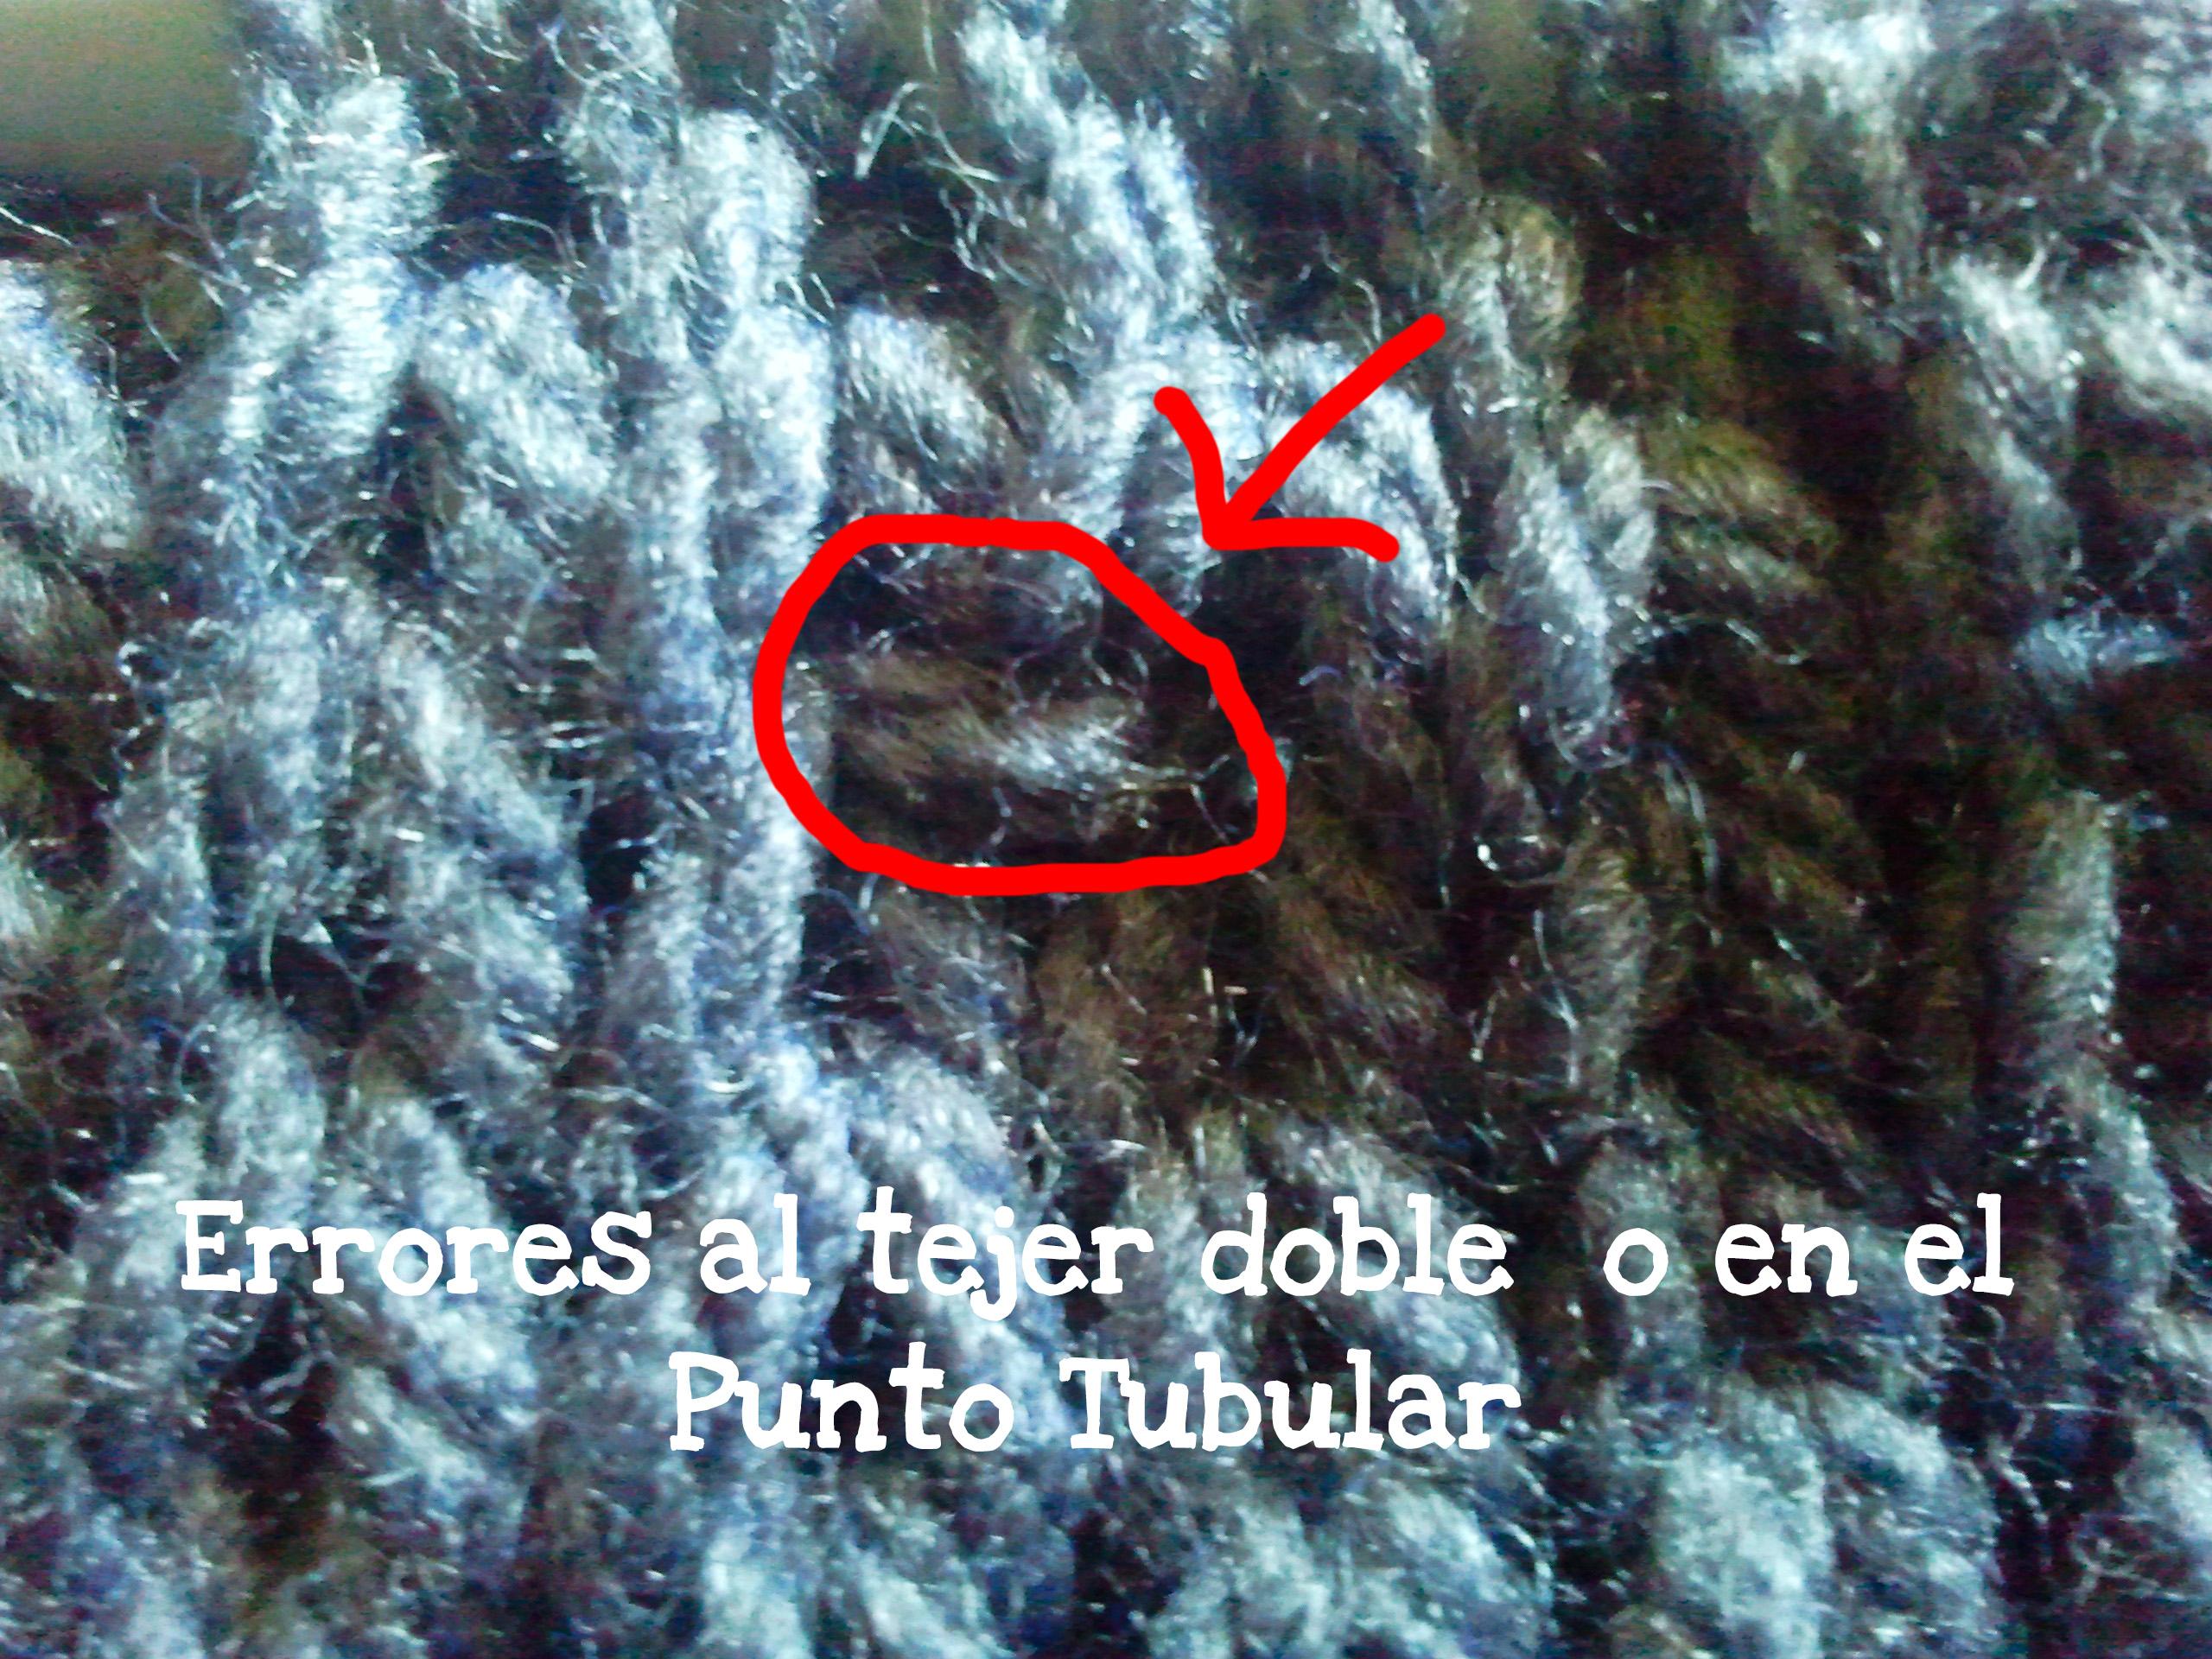 Errores al tejer doble o en el punto tubular